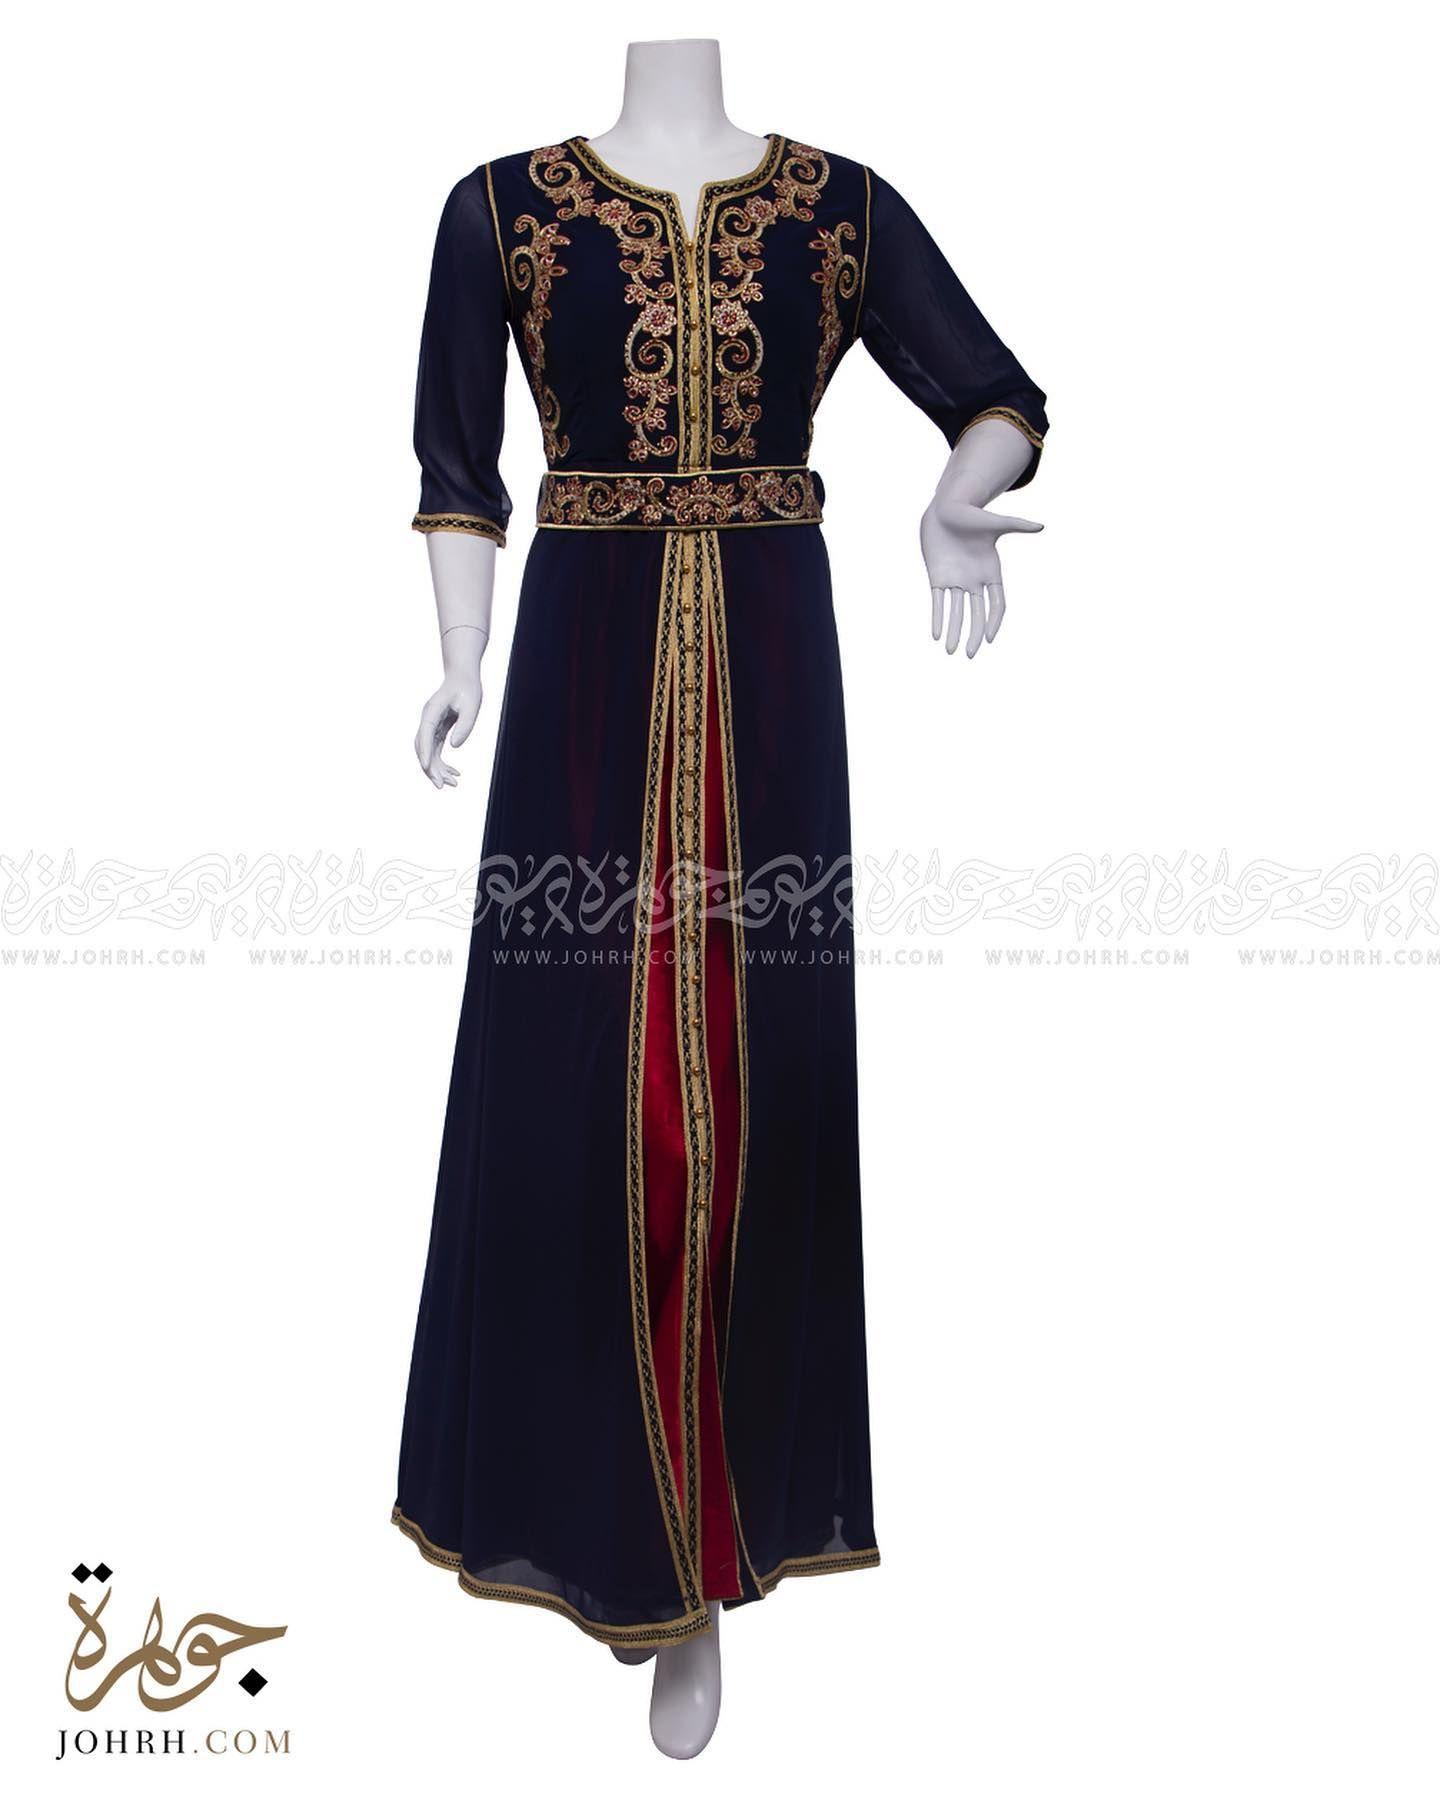 قفطان طبقتين و حزام و كم حاير رقم الموديل 2051 السعر 368 جلابيات جلابيات راقية جلابيات فخمه جلابيات للعي Dresses With Sleeves Long Sleeve Dress Fashion